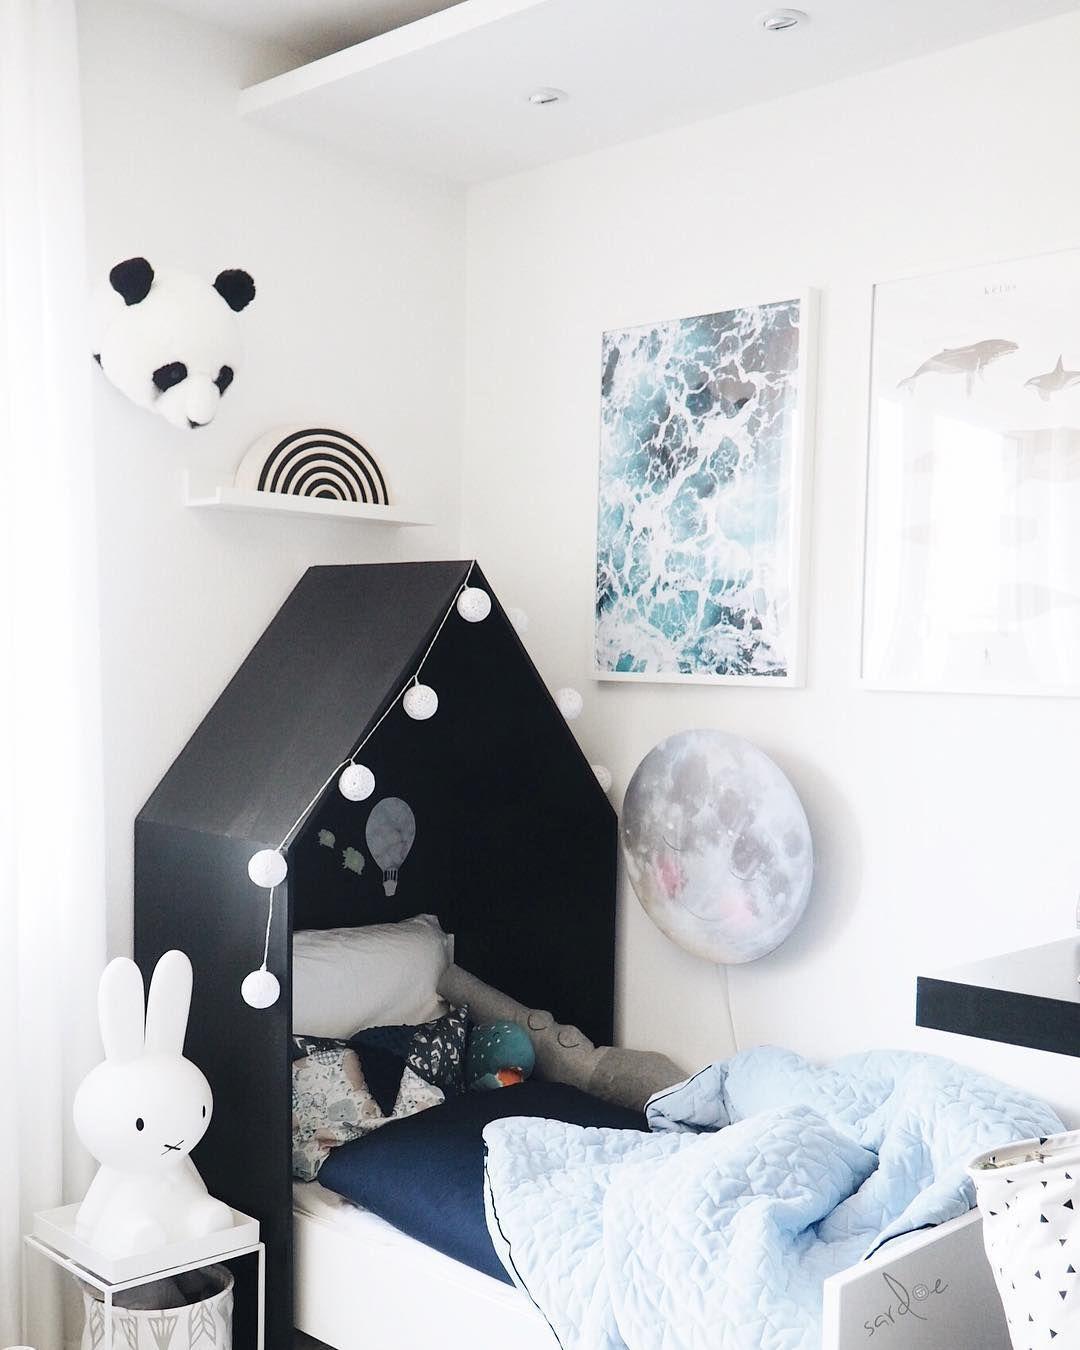 #Kinderzimmer   #Boysroom   #Jungszimmer   #Juniorbett   #Hausbett    #Kopfteil   #Hartendief   #Mond #Lampe   #Miffy   #MrMaria   #Hay  #Nachttisch   #Sebra ...